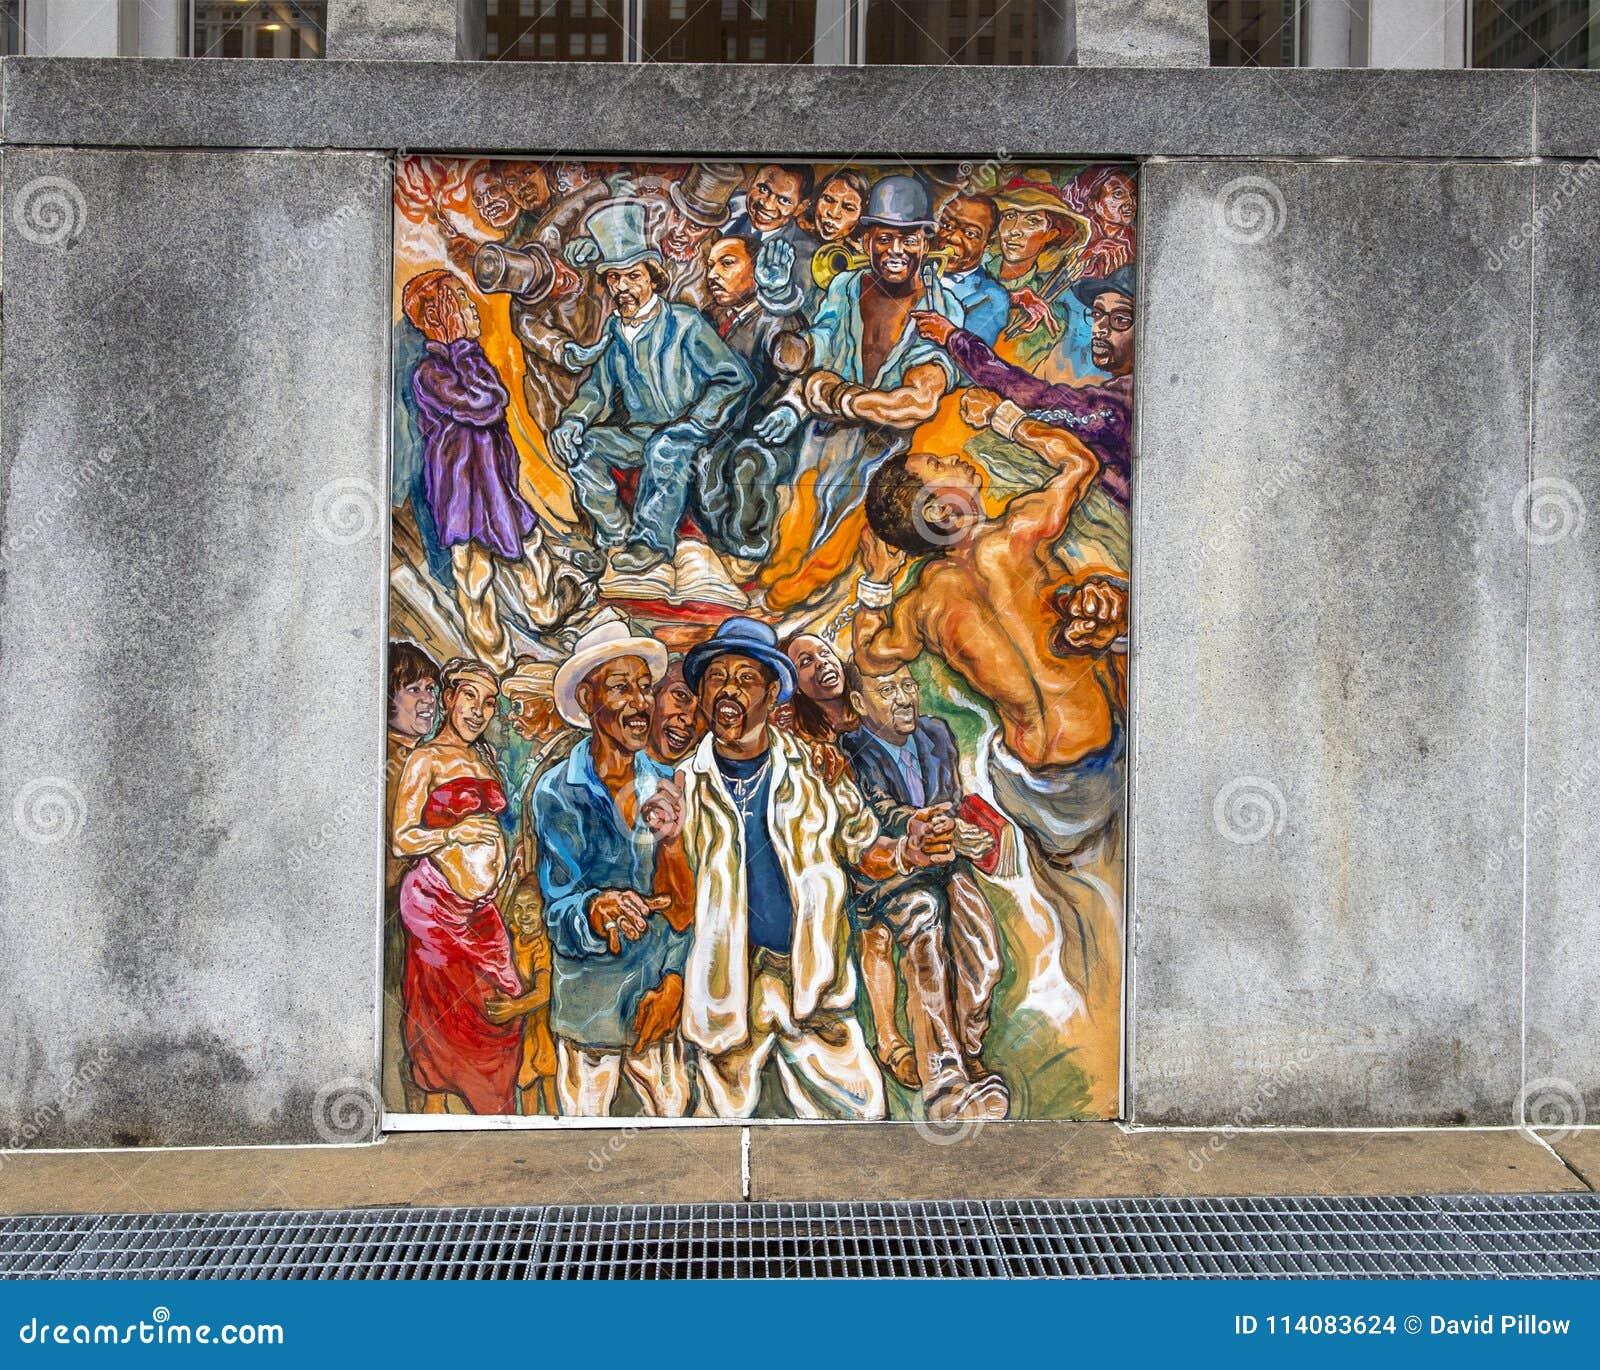 Ενοποίηση των πολιτισμών της γειτονιάς στη Φιλαδέλφεια, mural από το Joseph και τη Gabriele Tiberino